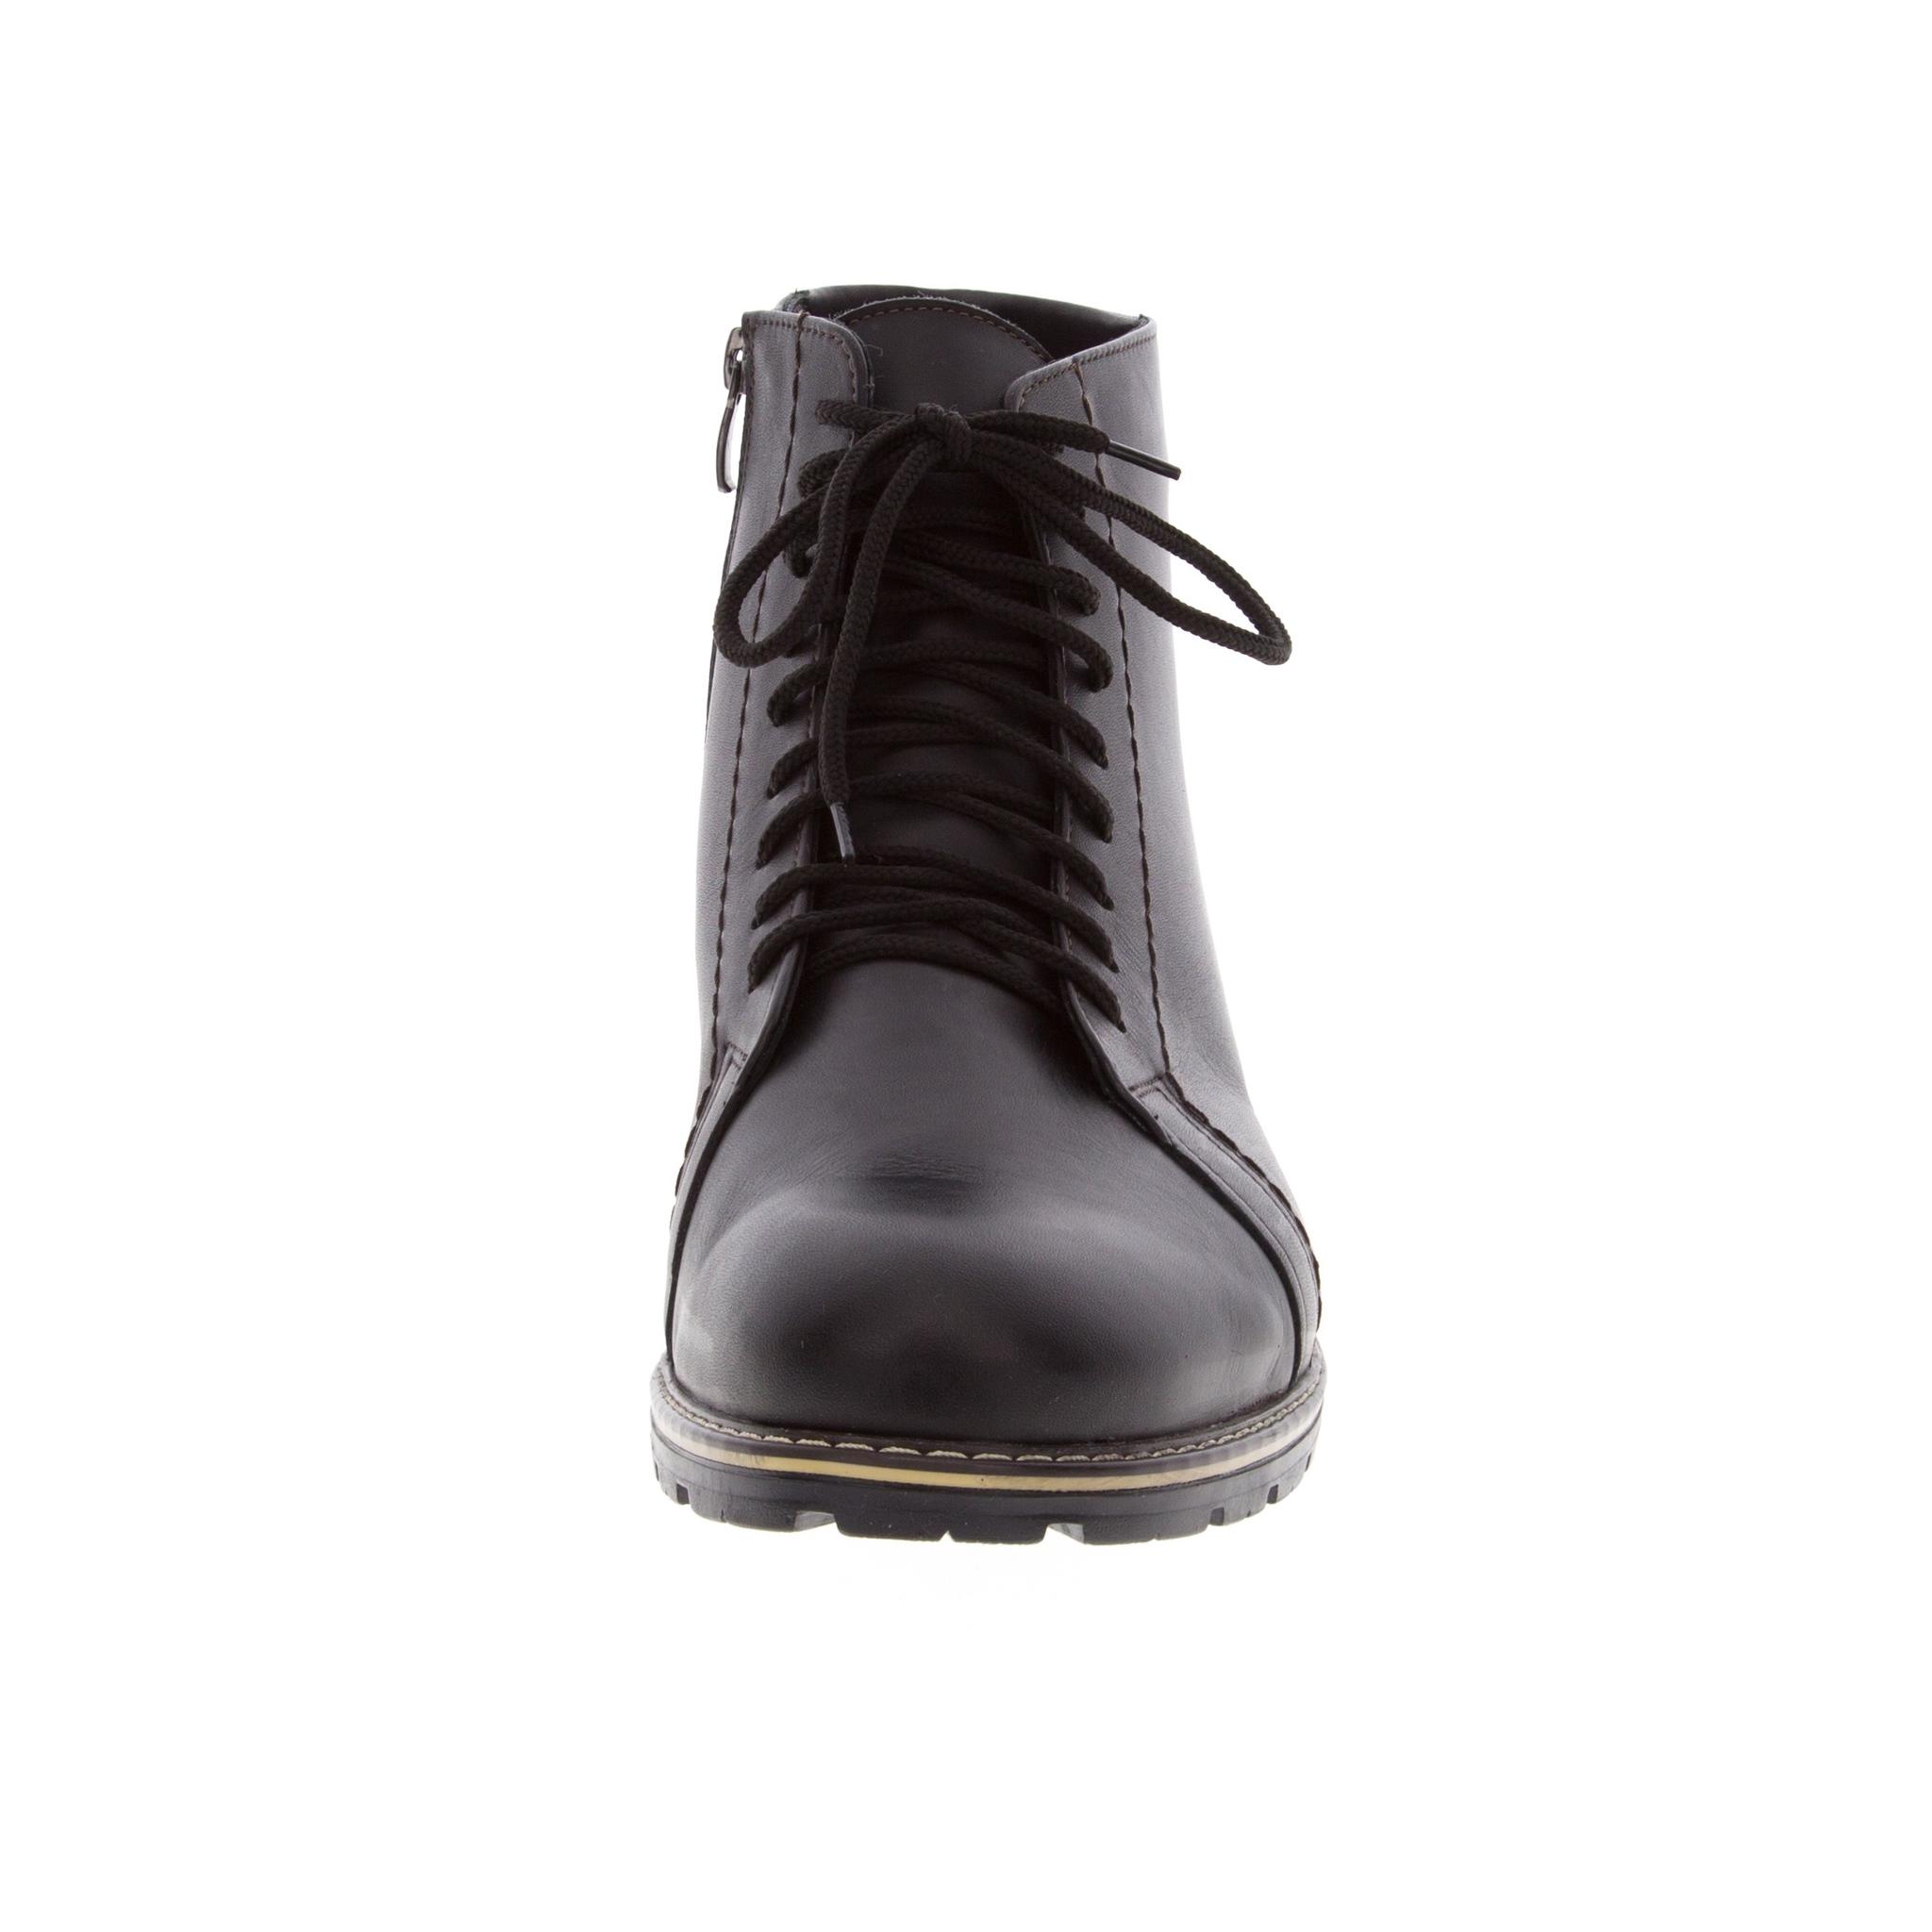 517483 ботинки мужские больших размеров марки Делфино